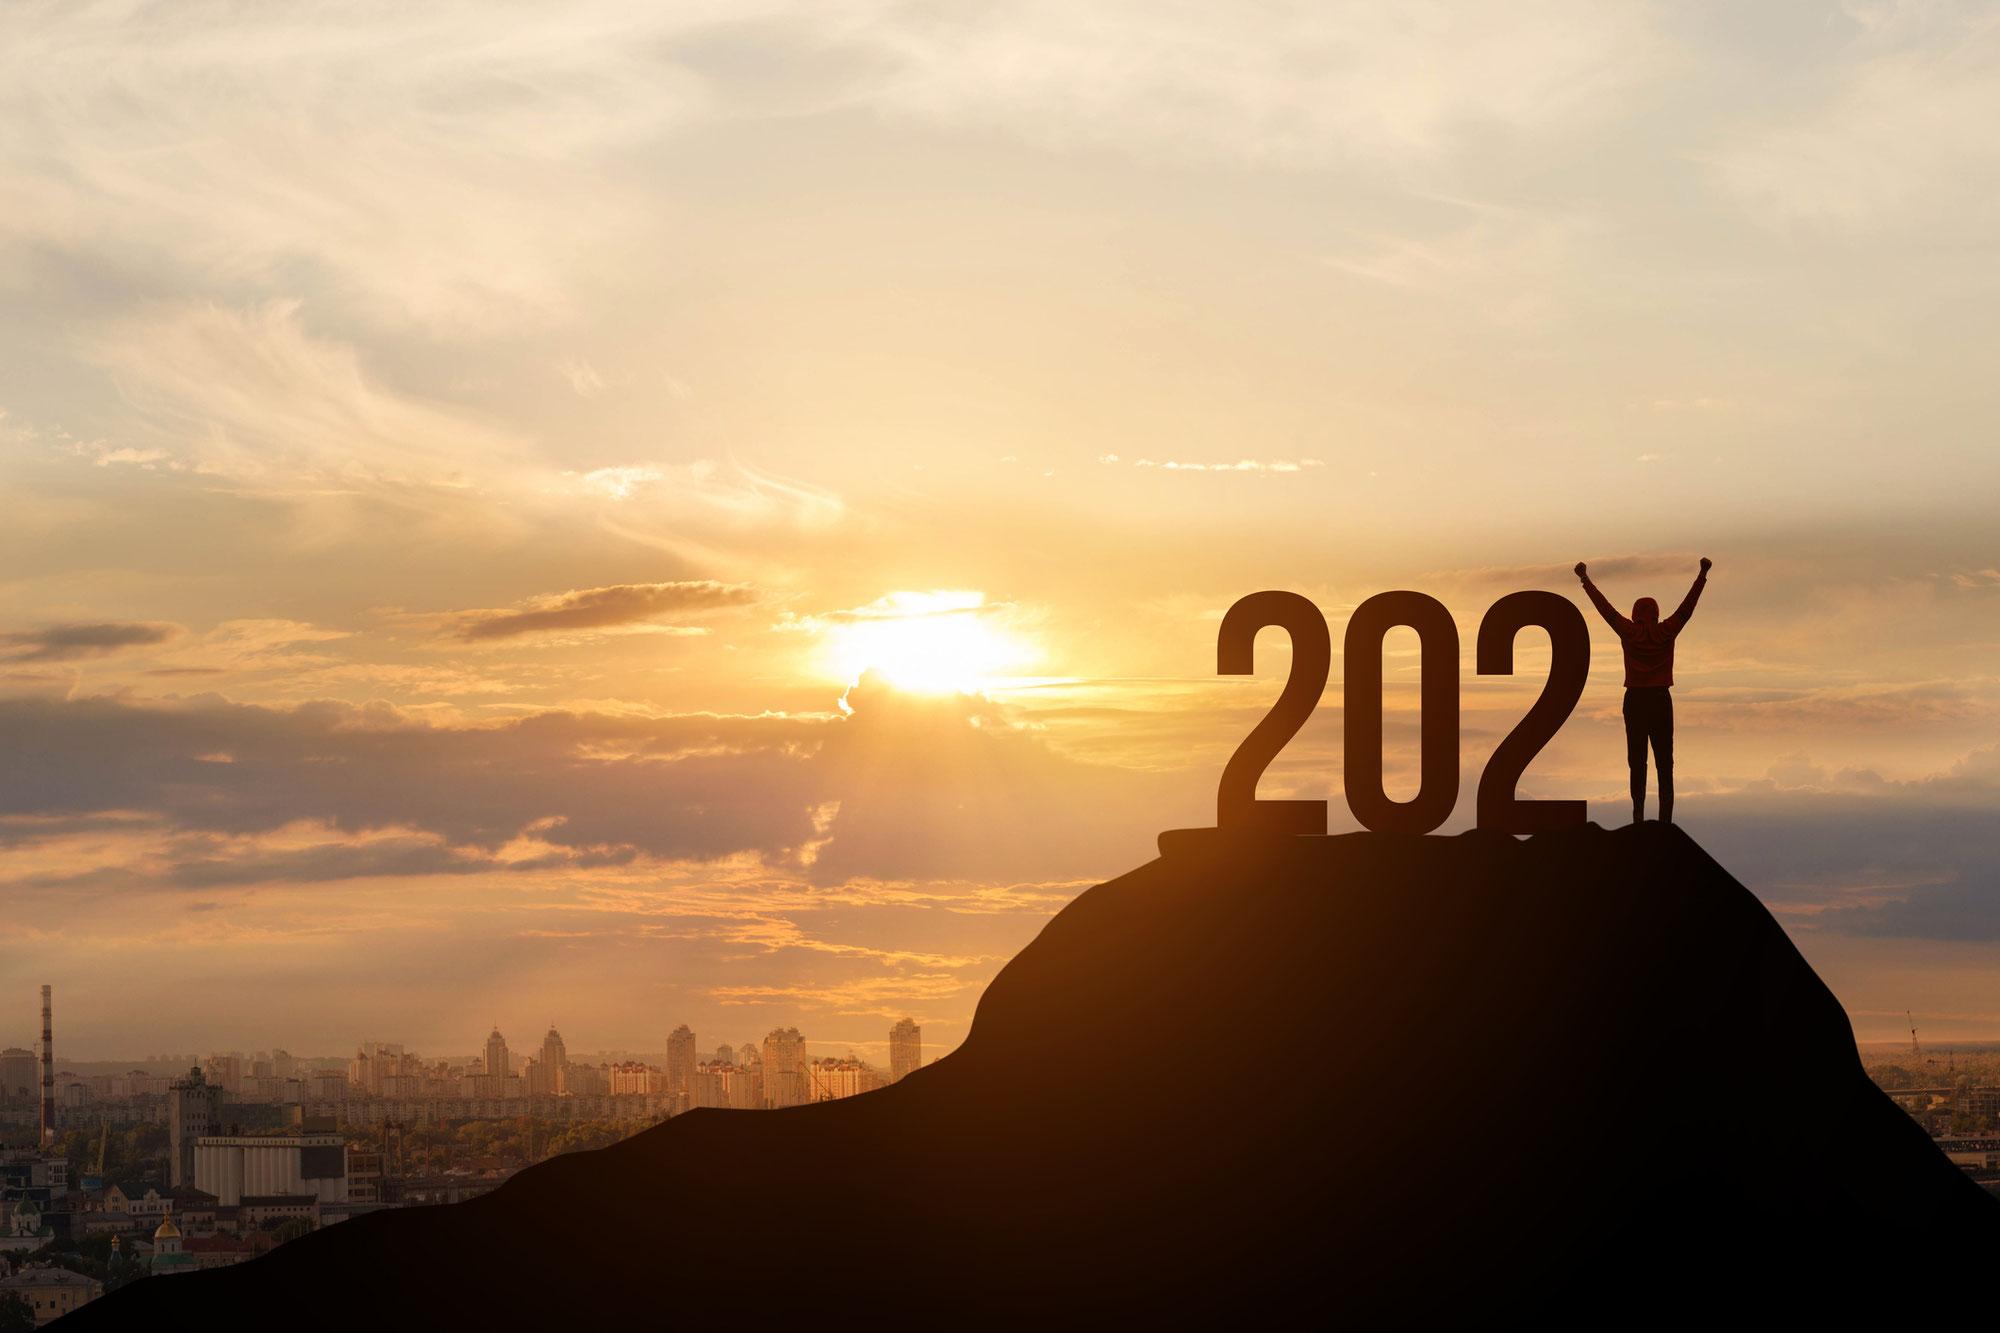 Energetische update: Geboorteproces van de nieuwe aarde, de laatste dagen van 2020, collectieve en individuele processen en de weg naar 2021